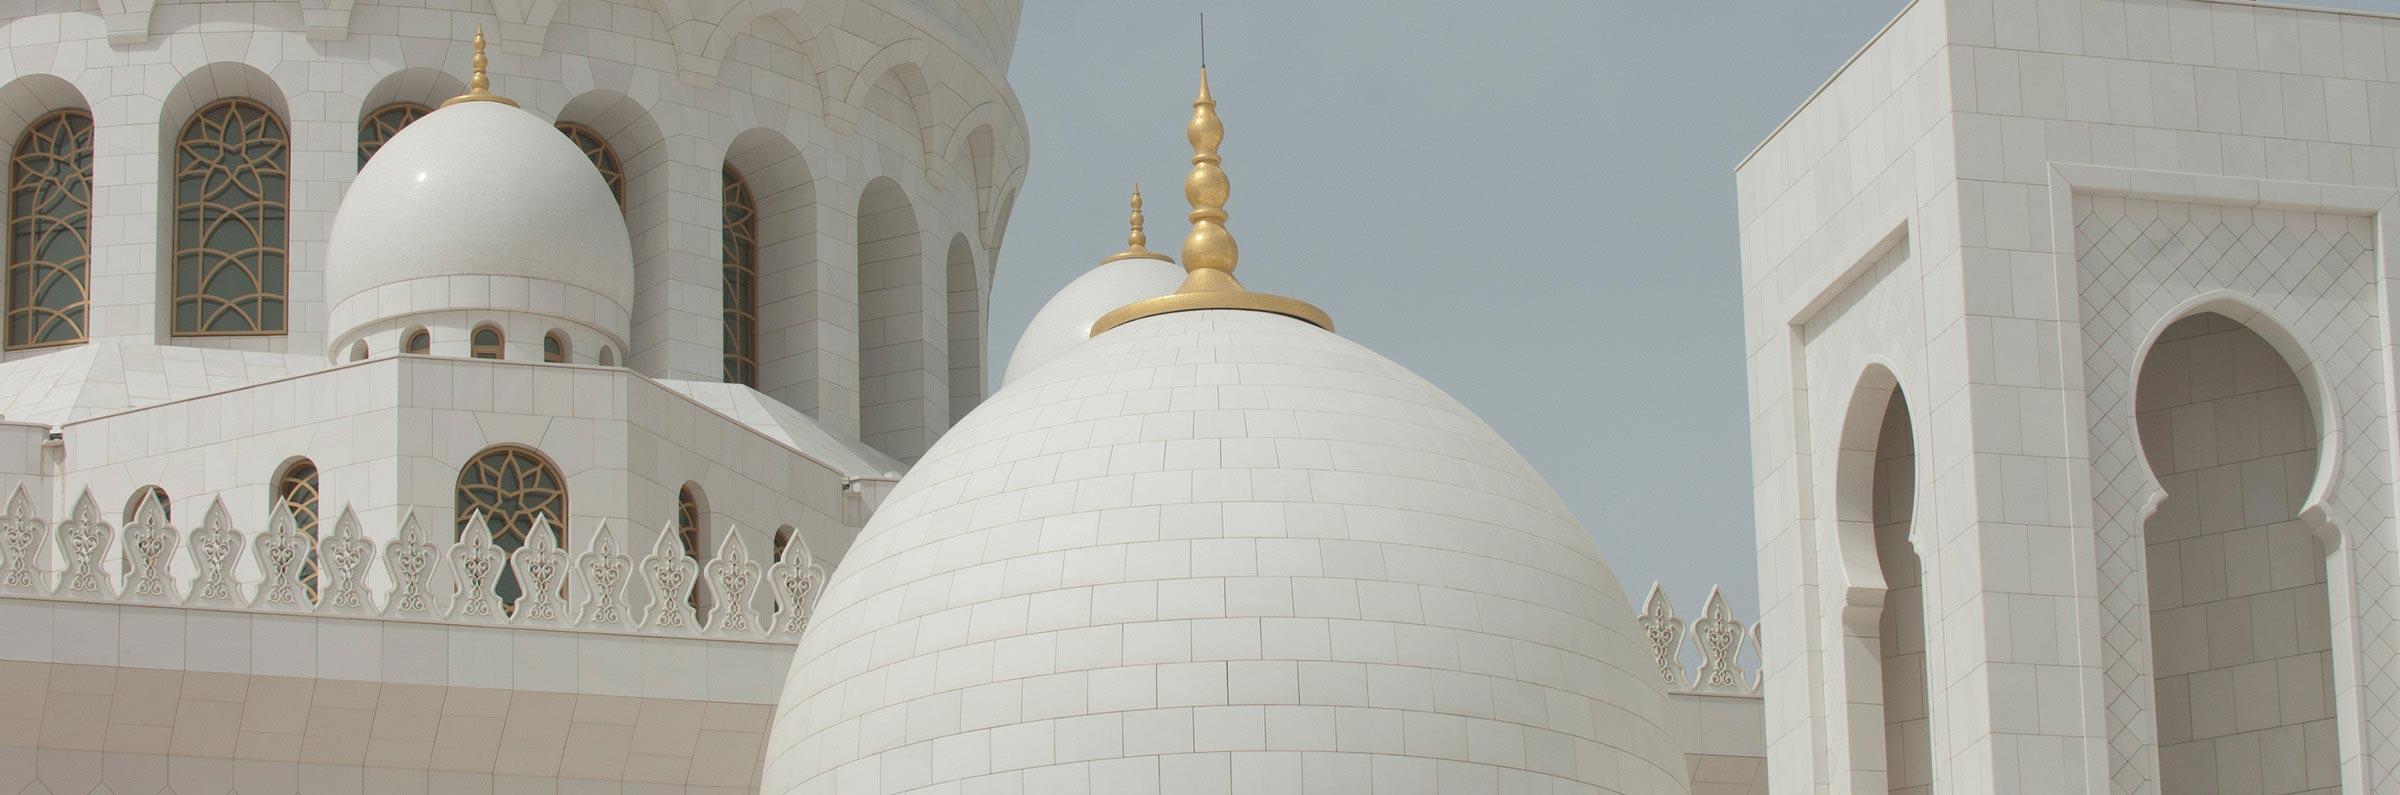 Day trip in Dubai